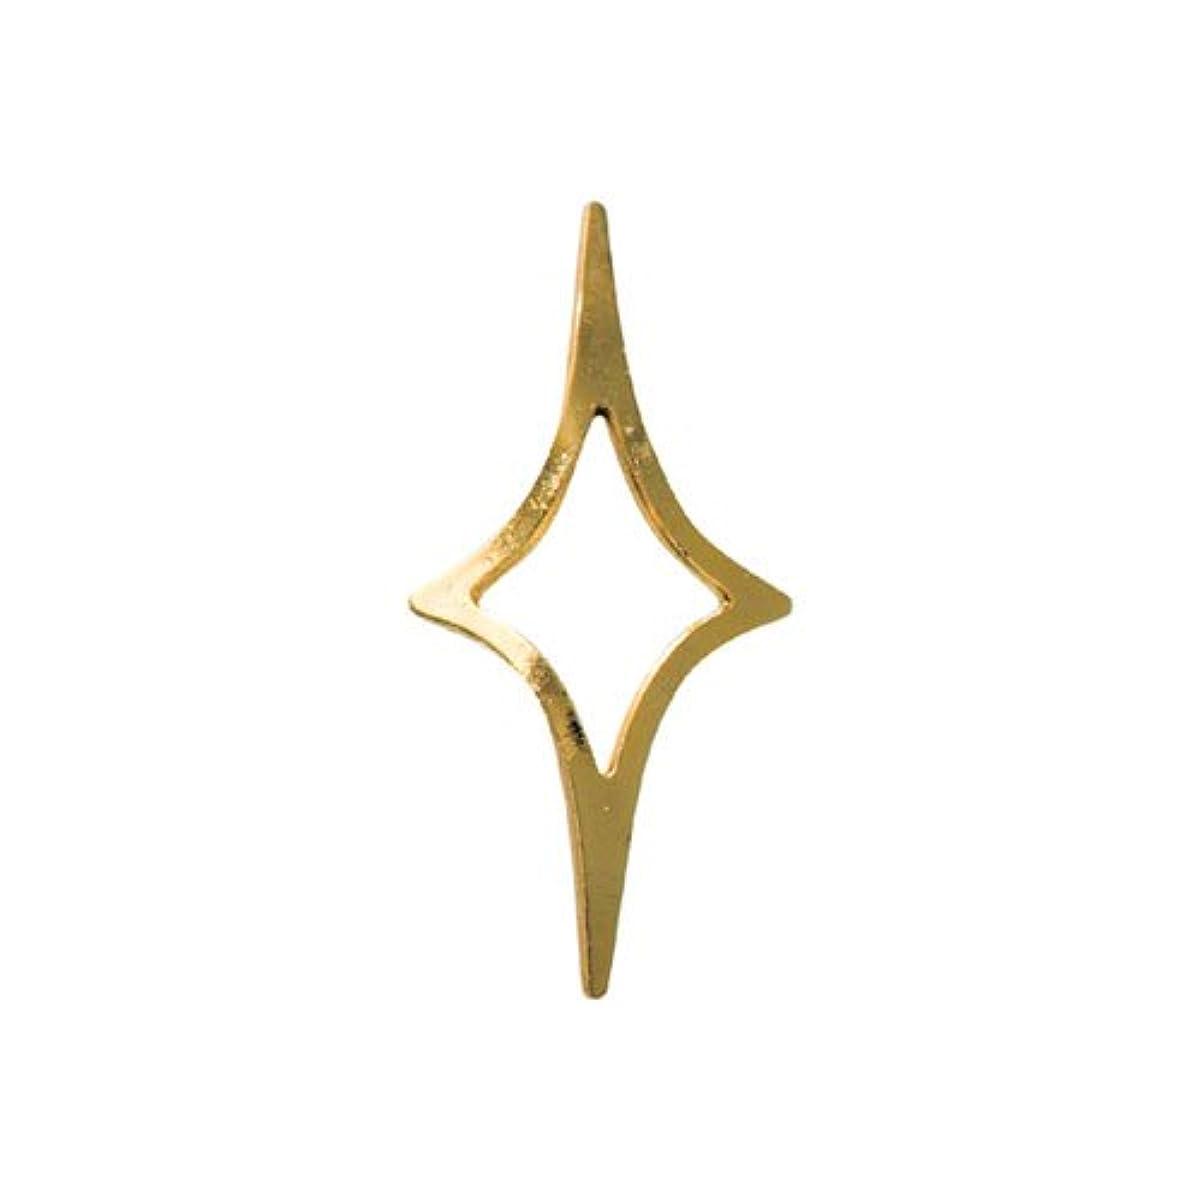 指定する巡礼者インディカリトルプリティー ネイルアートパーツ キラキラ2 3S ゴールド 20個